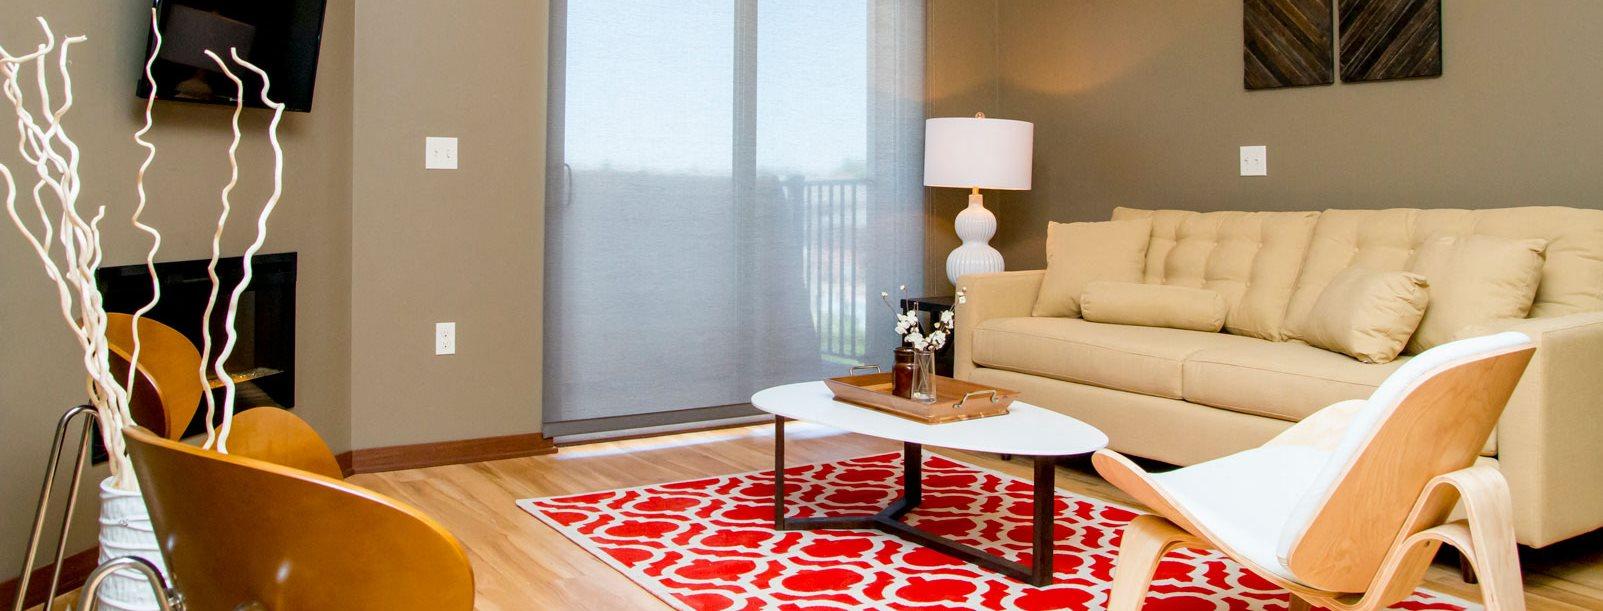 Living room at Villas of Omaha at Butler Ridge in Omaha NE